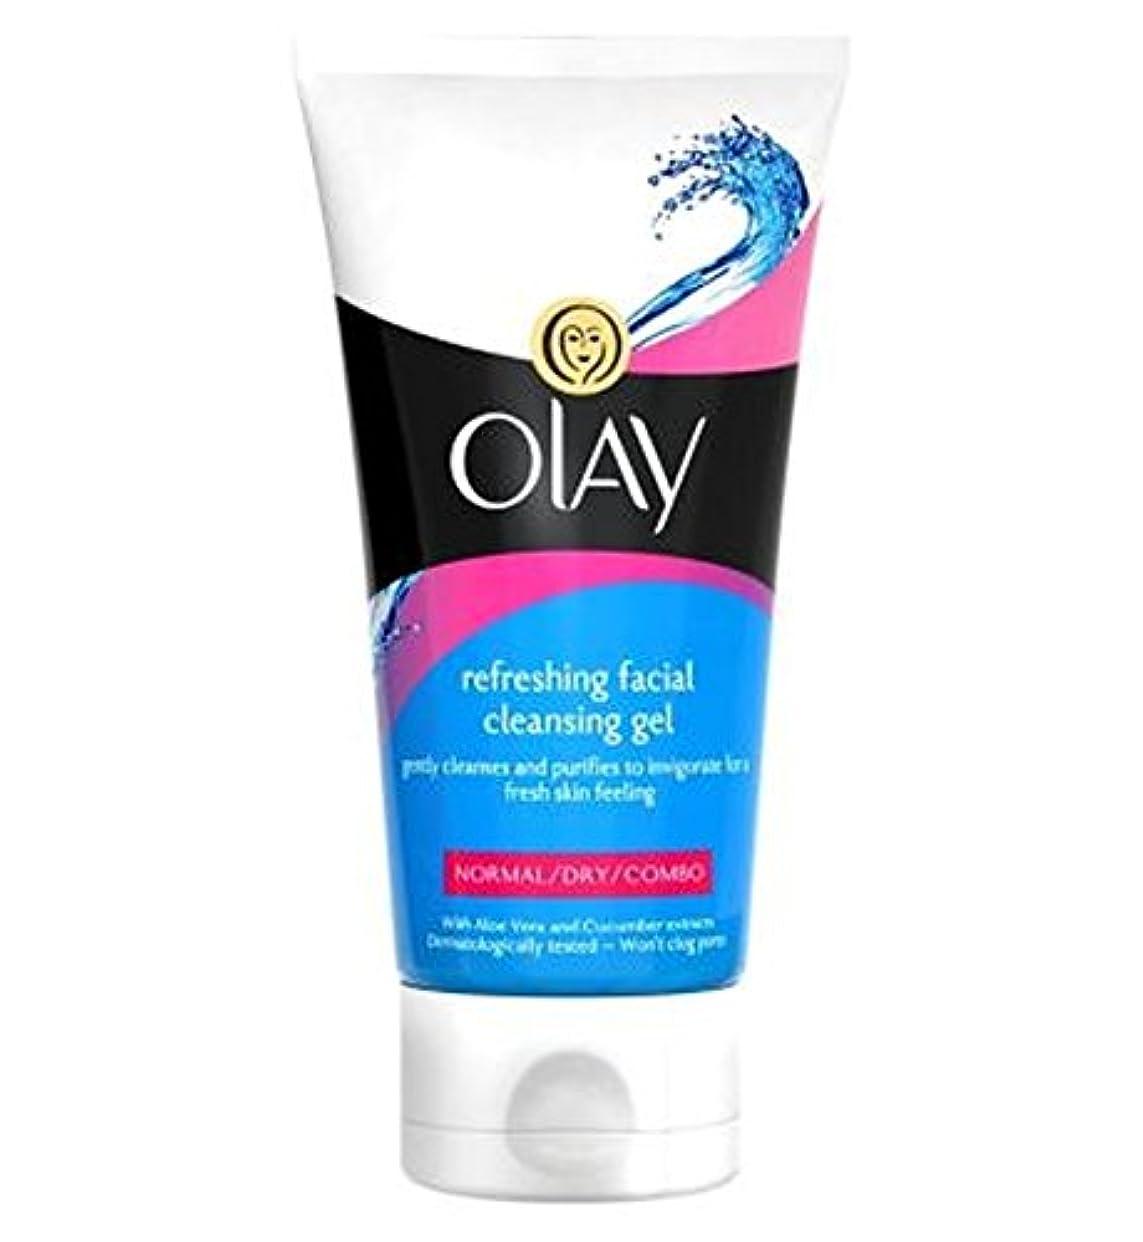 宴会見落とす秘書オーレイさわやかな洗顔ジェル150Ml (Olay) (x2) - Olay Refreshing Facial Cleansing Gel 150ml (Pack of 2) [並行輸入品]